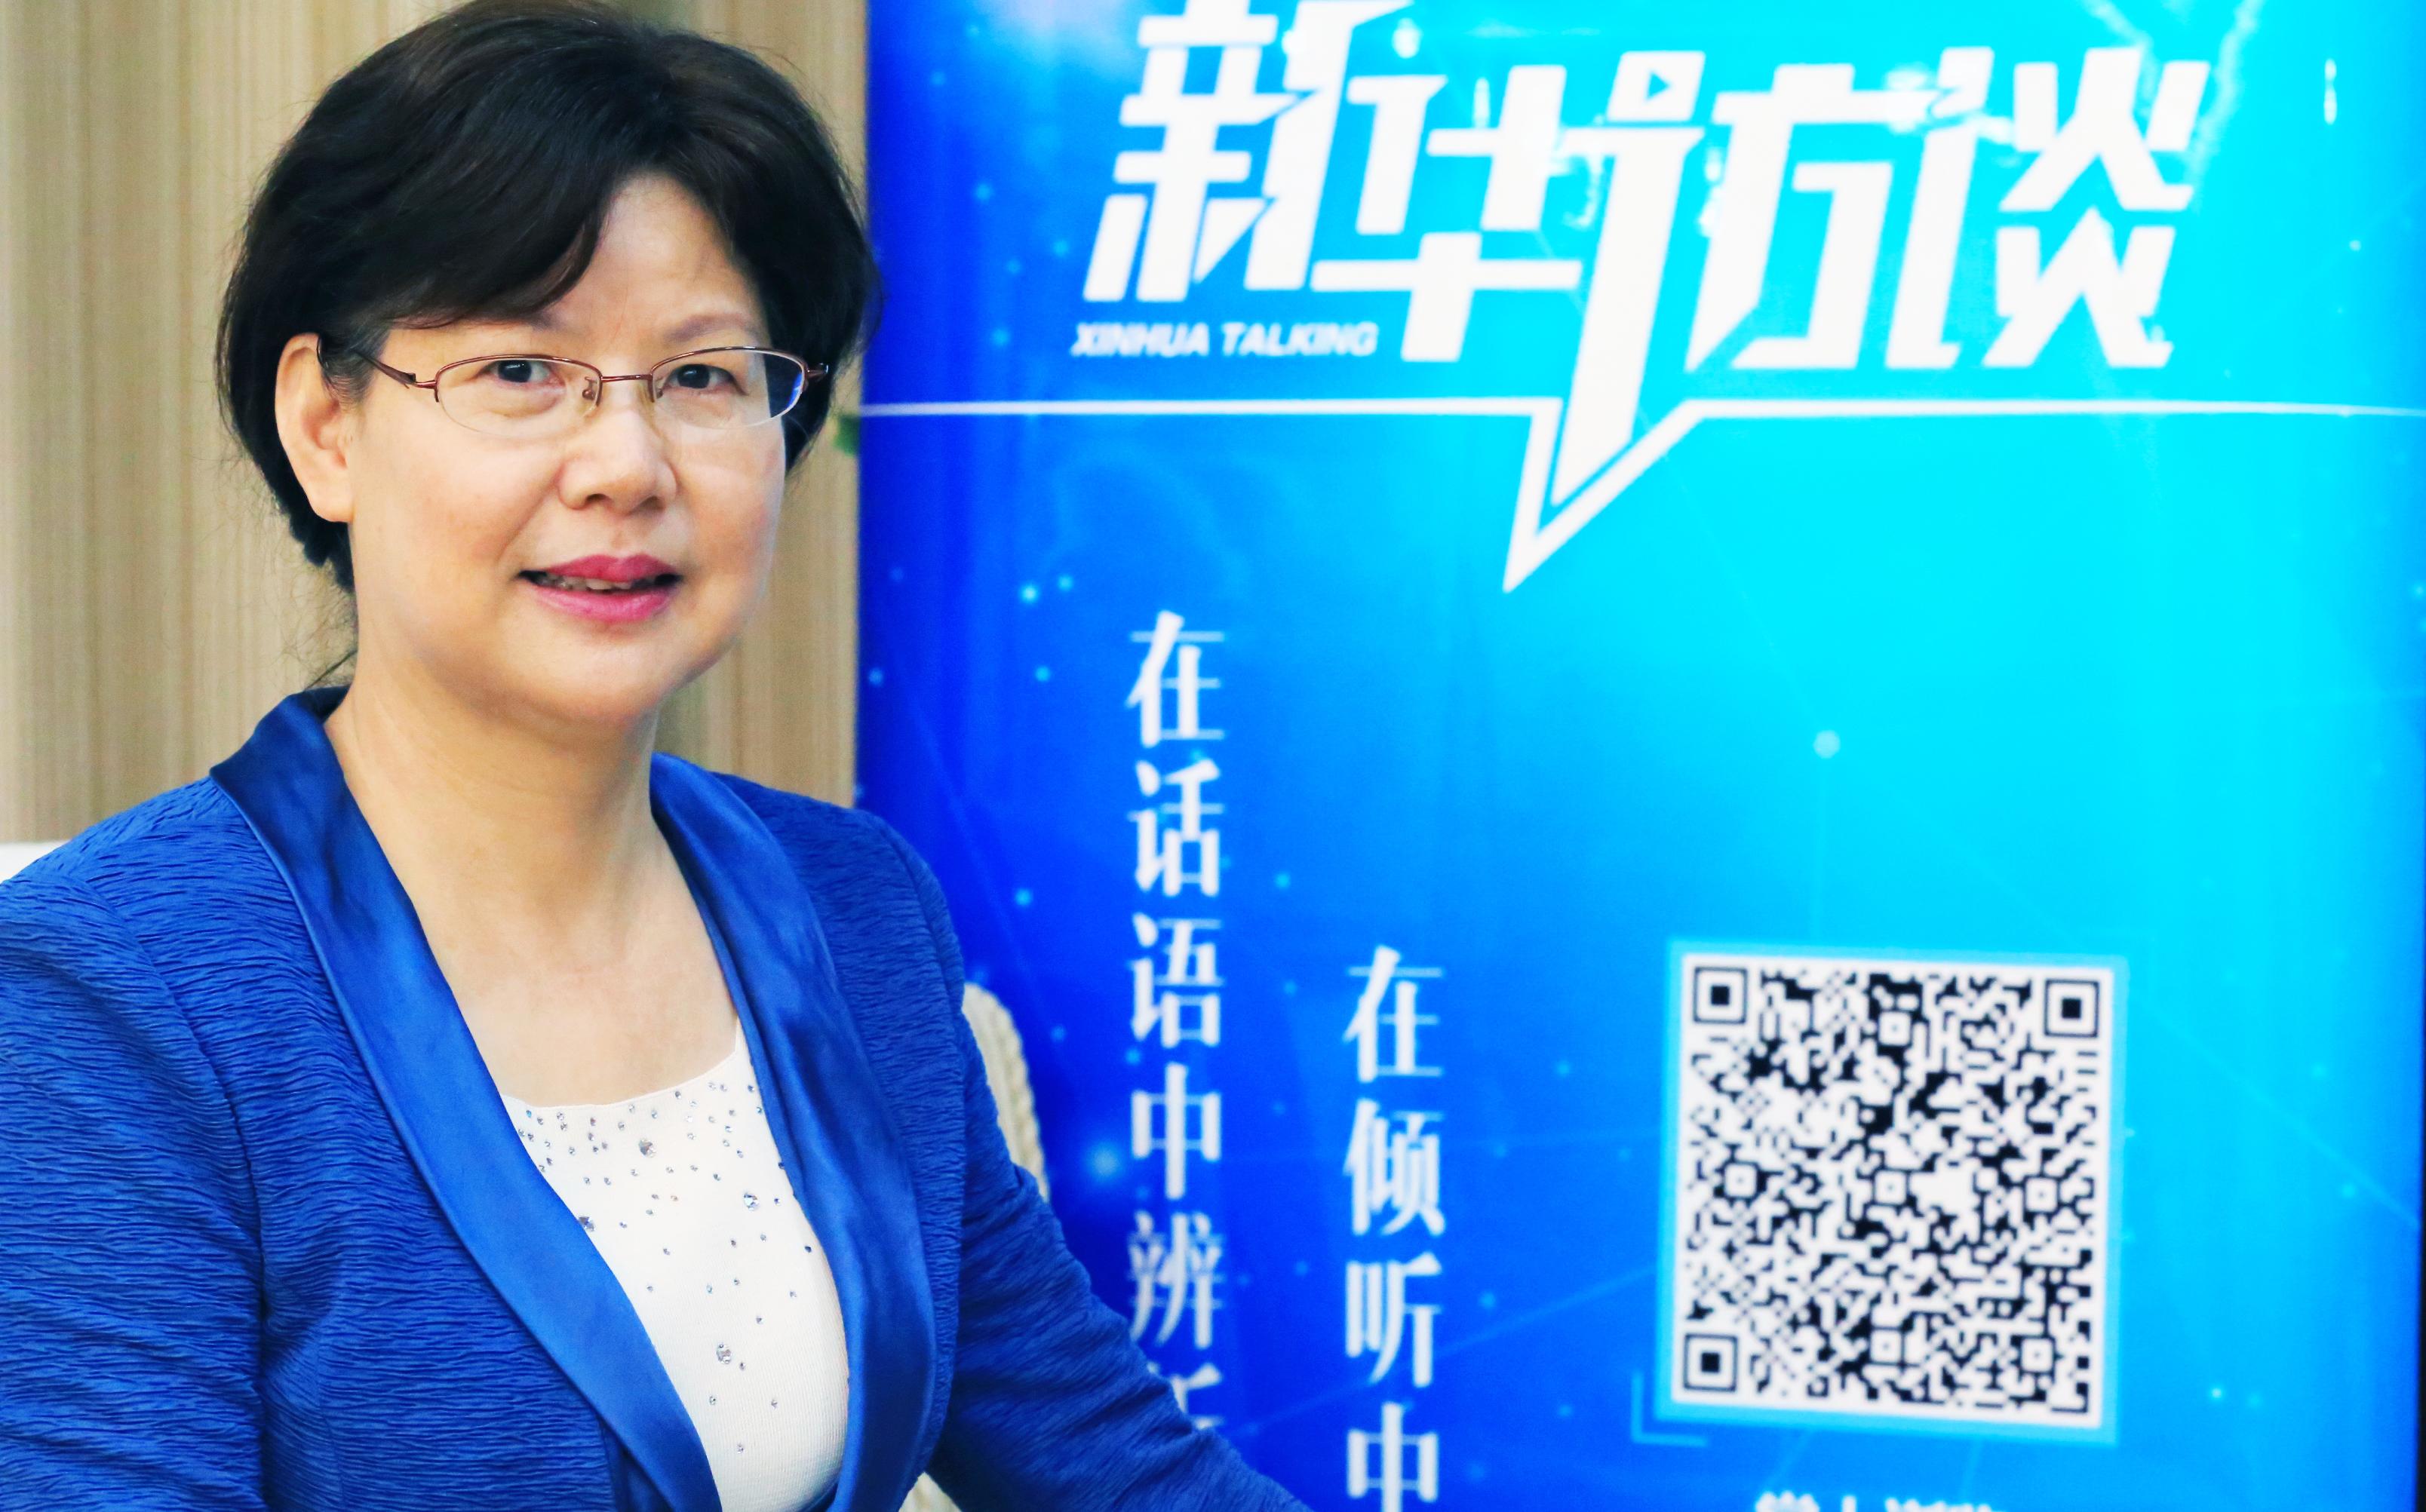 譚文英:計量支撐産業發展 提高核心競爭力